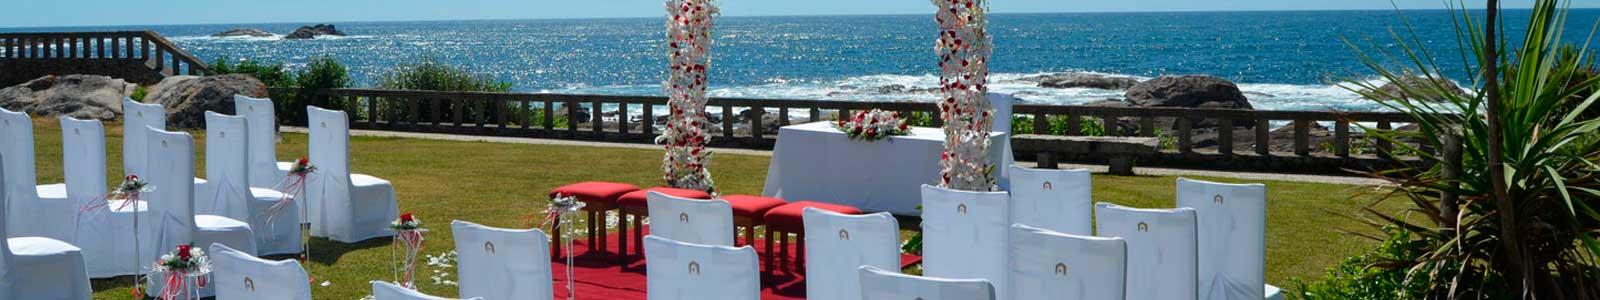 cabecera-bodas-restaurante-lugar-oia-vigo-rias-baixas